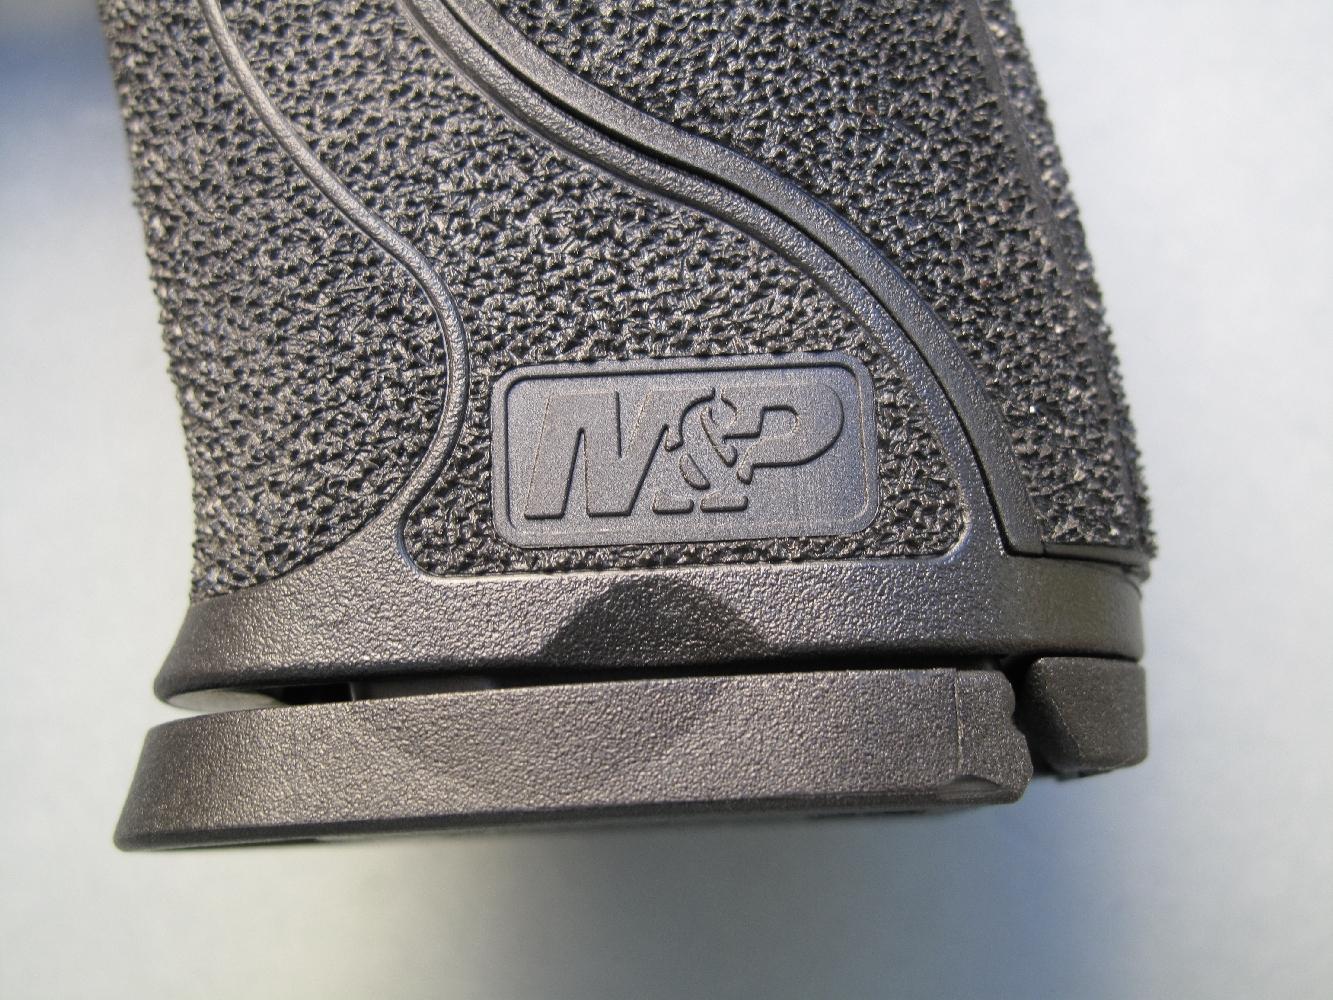 Le chargeur, dont le corps est en tôle d'acier, dispose d'un talon en polymère. On notera la présence de creux ergonomiques destinés à faciliter sa saisie dans le cas où une extraction manuelle s'avèrerait nécessaire.